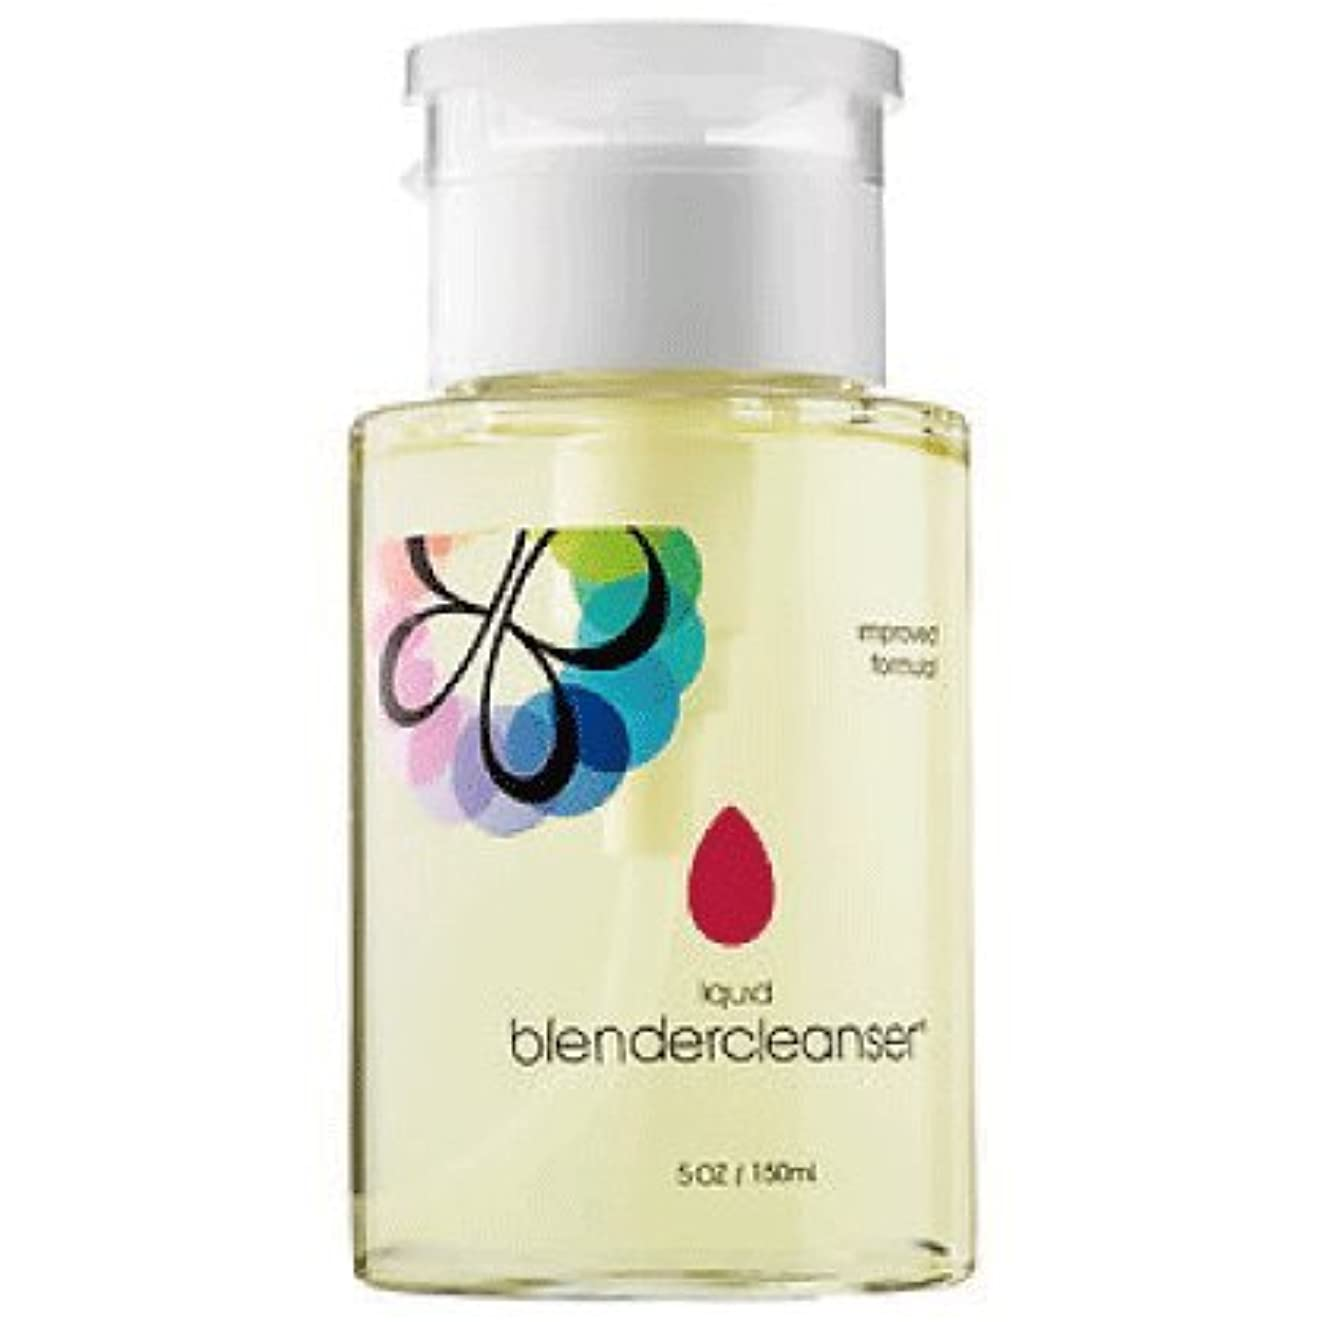 保持する代わりに欠如beautyblender(ビューティブレンダー) blendercleanser ブレンダークレンザー ボトルタイプ 150ml